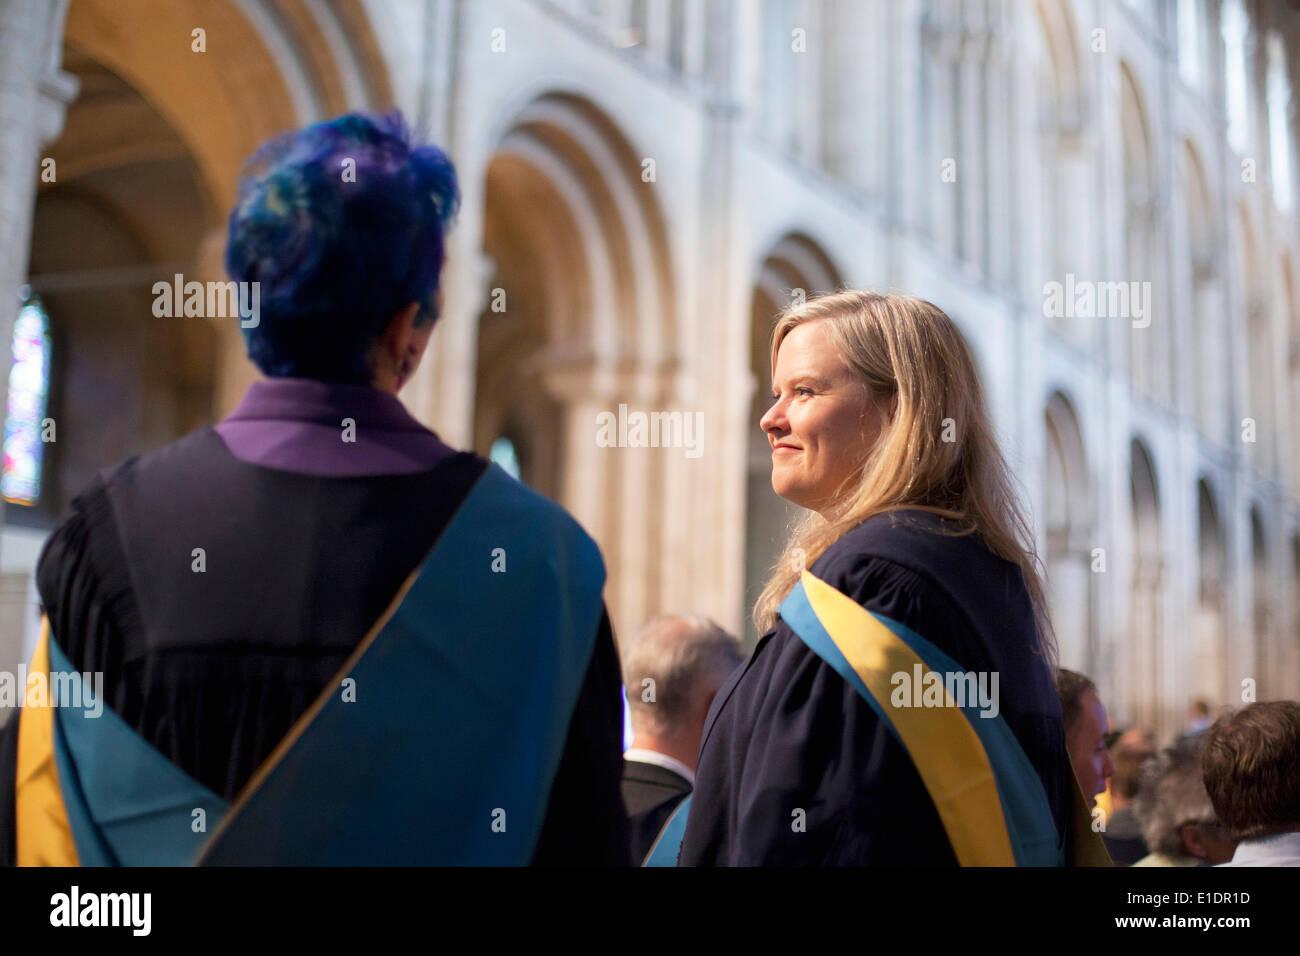 Ely, Cambridgeshire, Regno Unito. 31 Maggio, 2014. Apertura di nuovi laureati frequentare la cerimonia di consegna dei diplomi alla Cattedrale di Ely in Cambridgeshire. Credito: Adrian Buck/Alamy Live News Immagini Stock